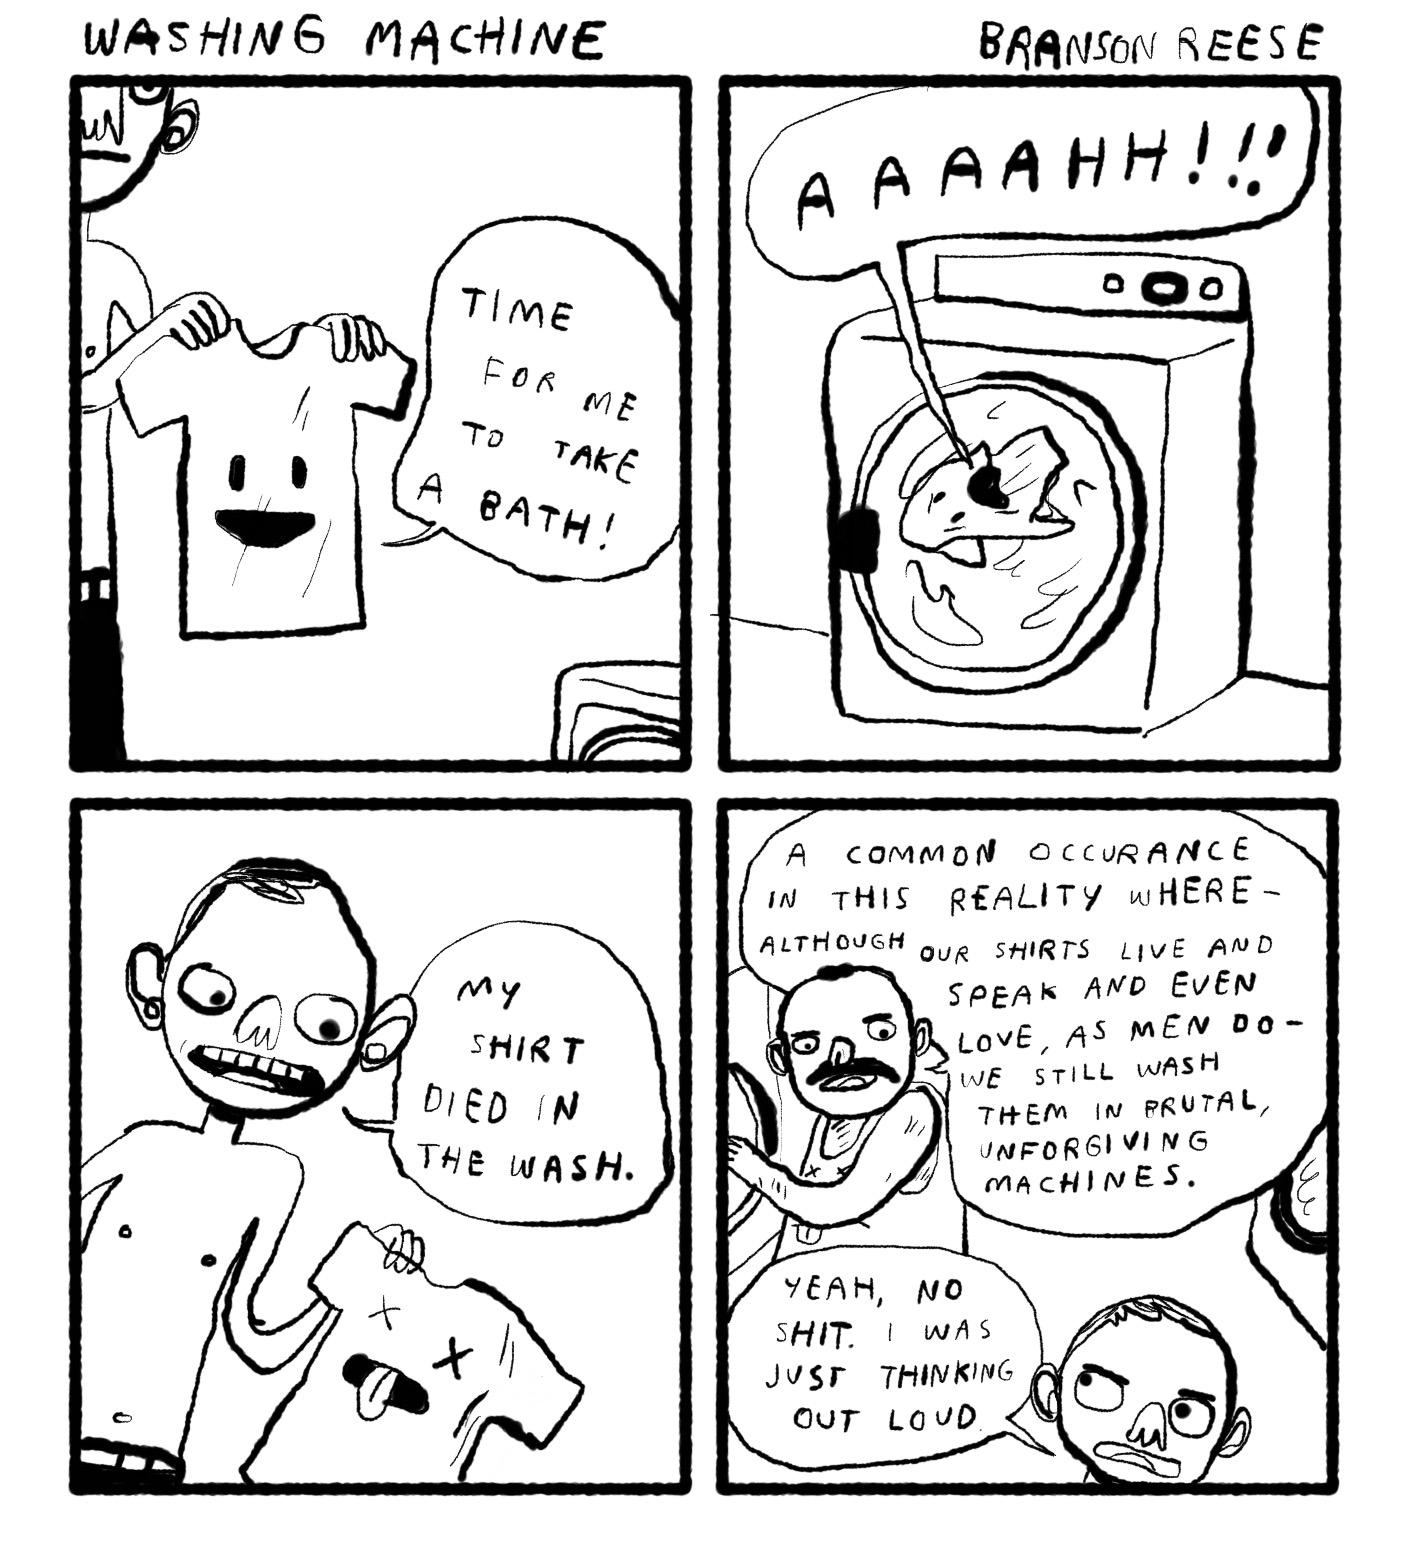 0270 washingmachine1.jpg